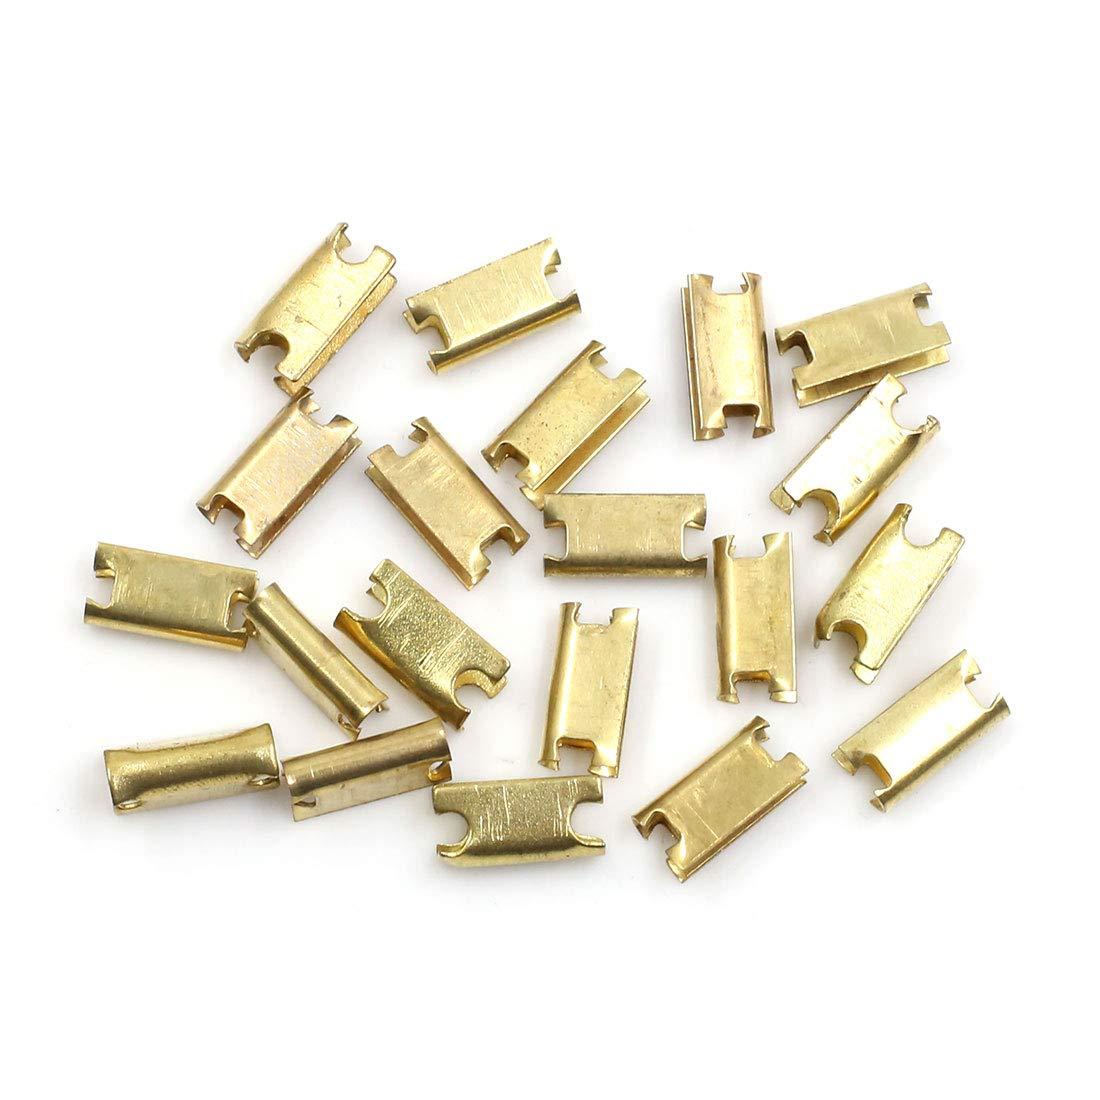 X AUTOHAUX Lot de 20 Clips de Fixation en m/étal pour Console de Voiture 6,5 mm x 13 mm